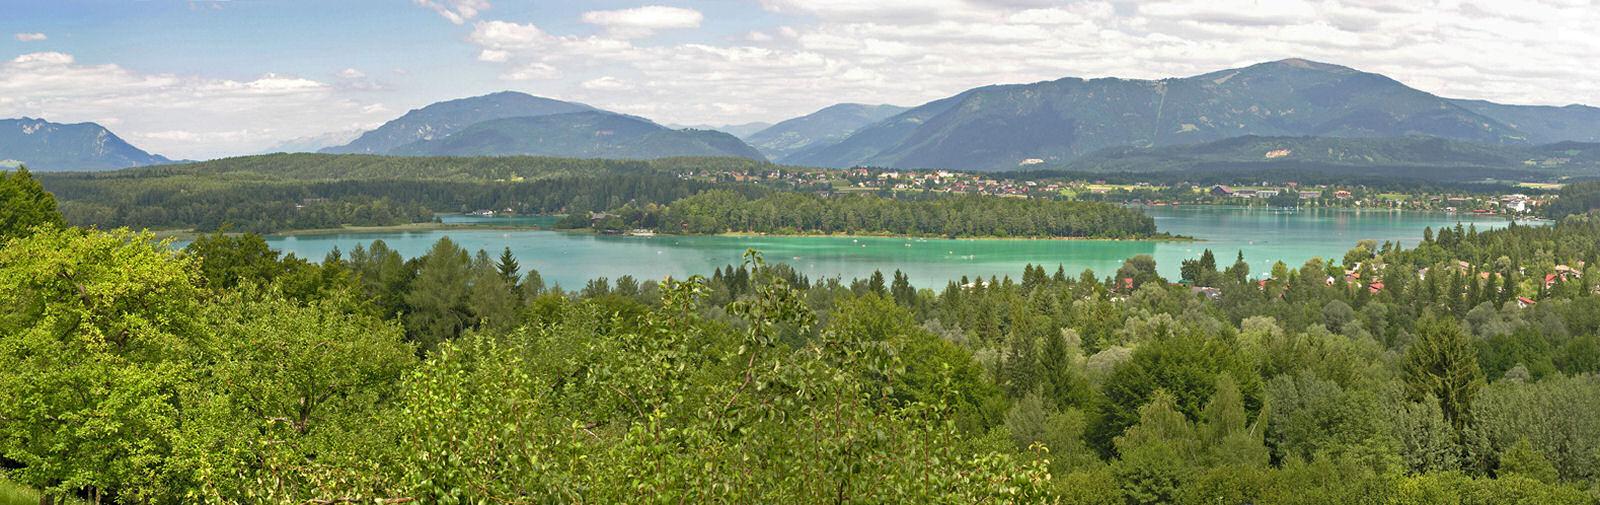 Lake Faaker See panorama, Carinthia, Austria